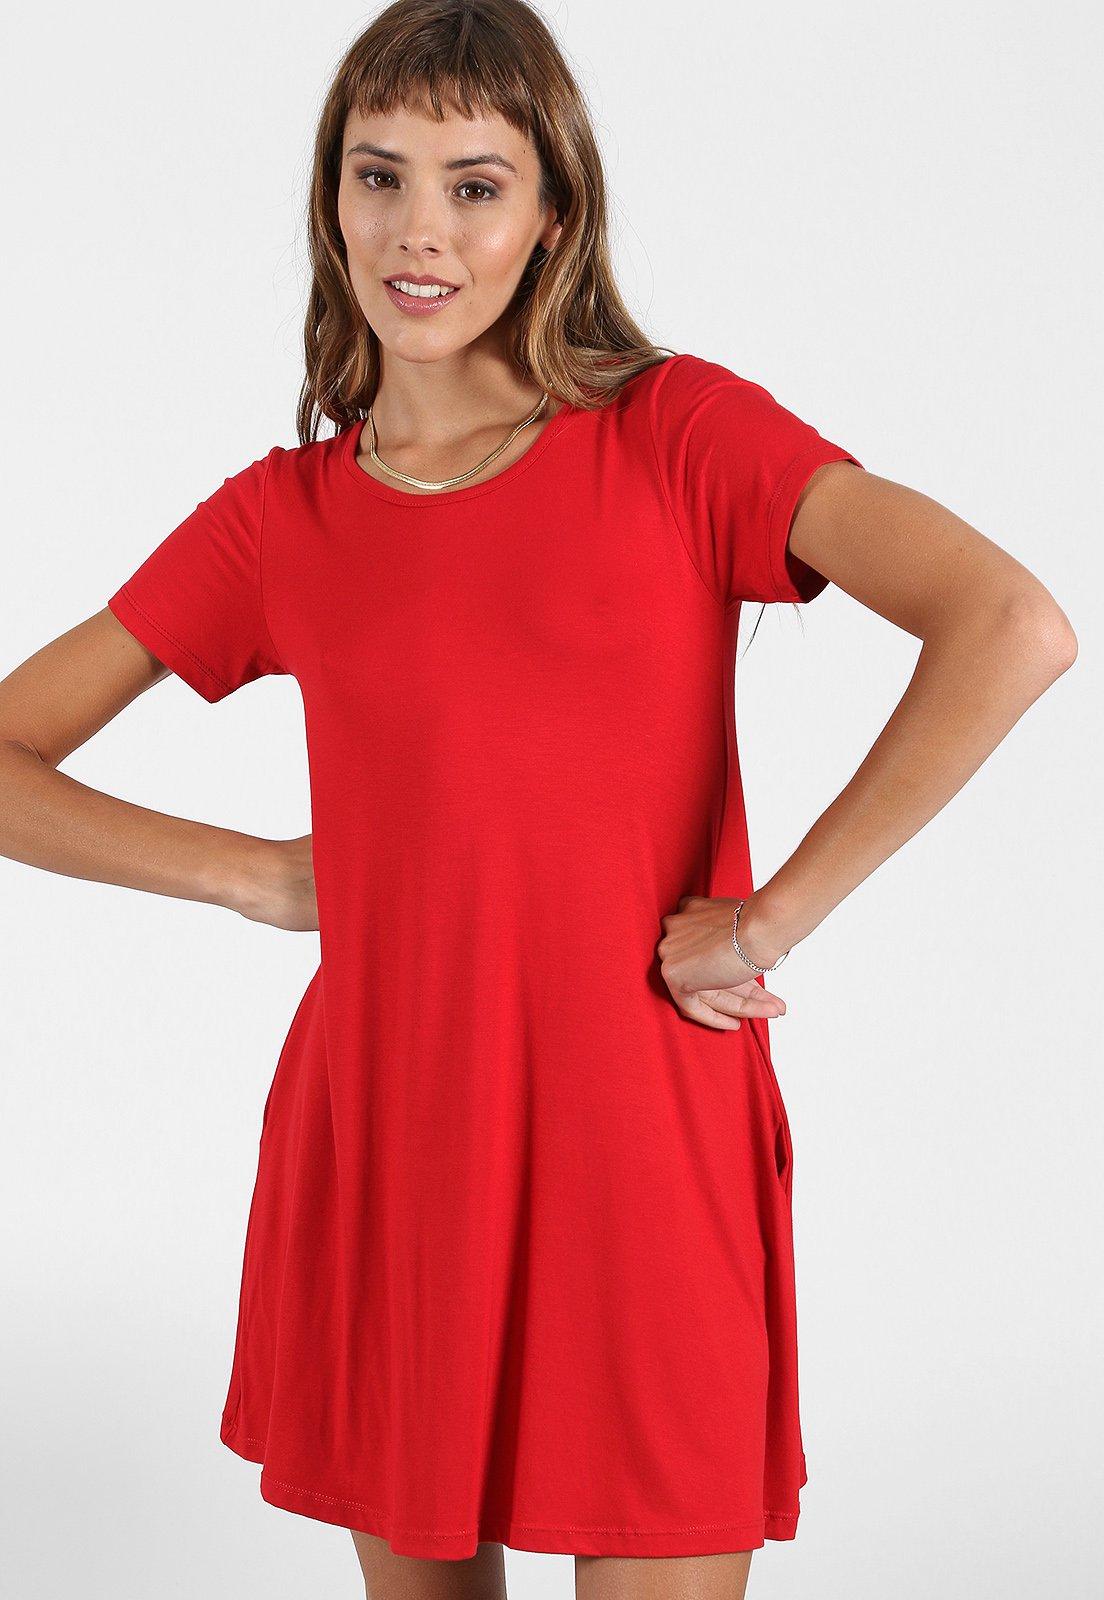 Vestido Rojo Chelsea Market Pao Corto